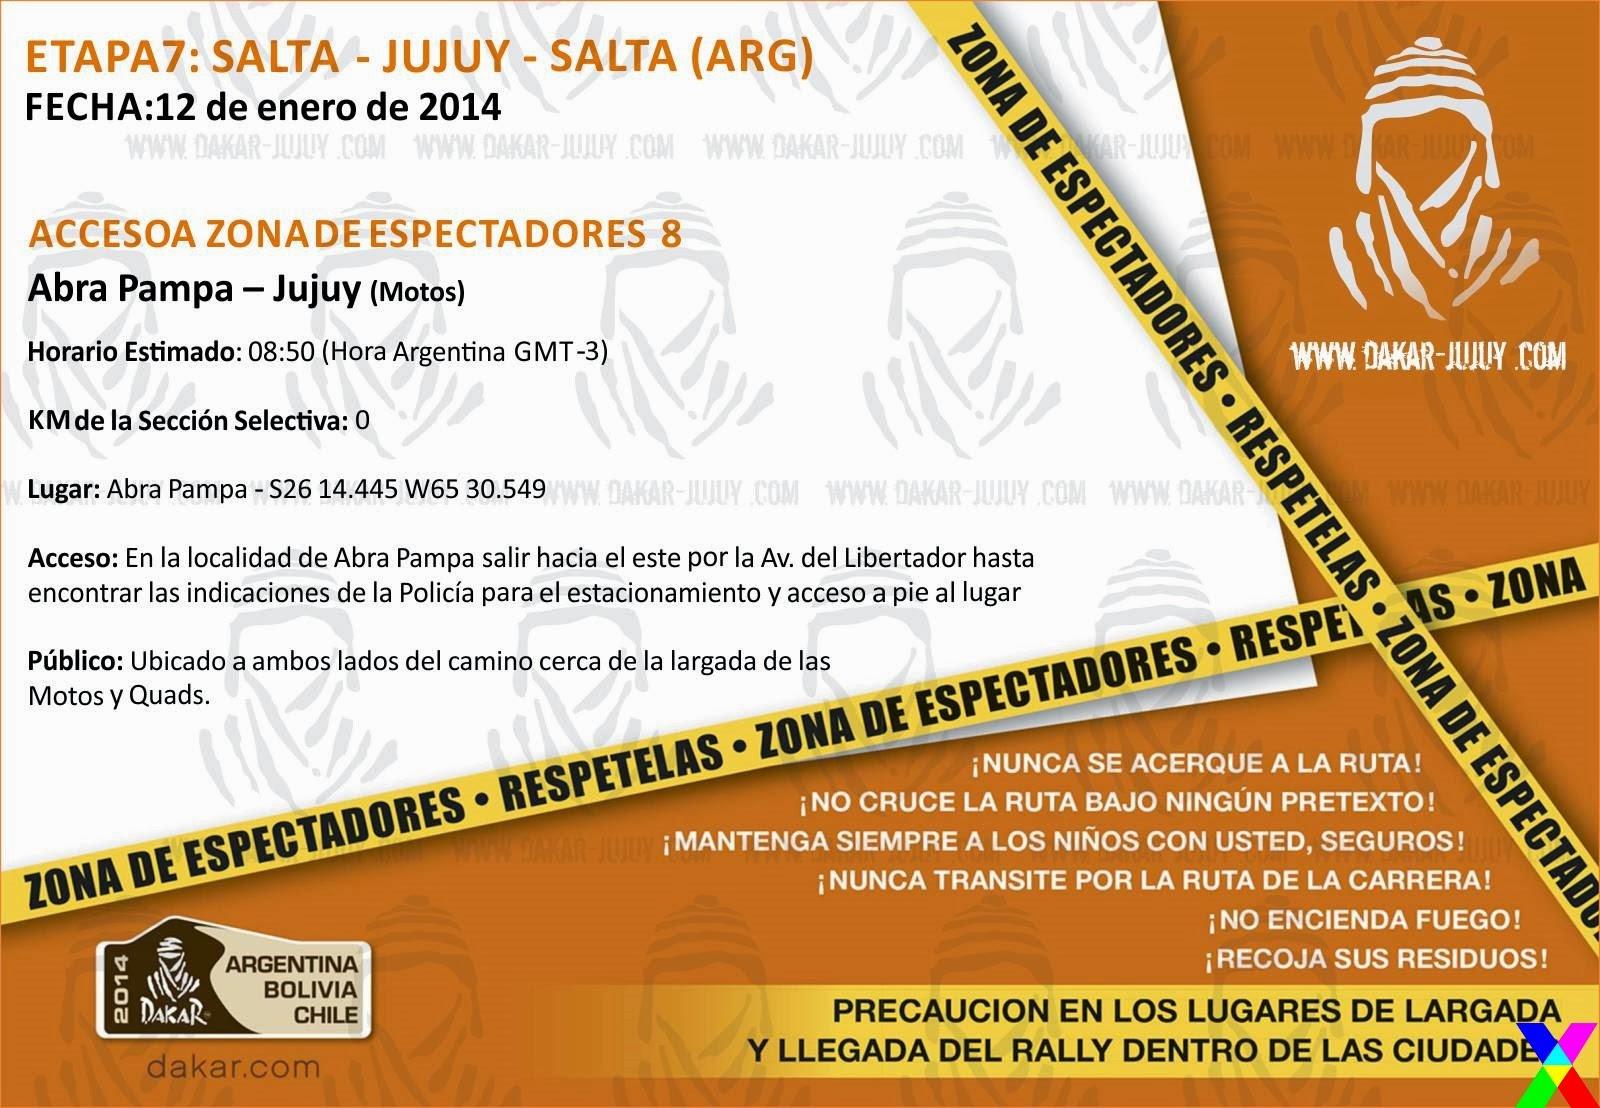 Zona de Espectadores 8 Jujuy - Dakar 2014